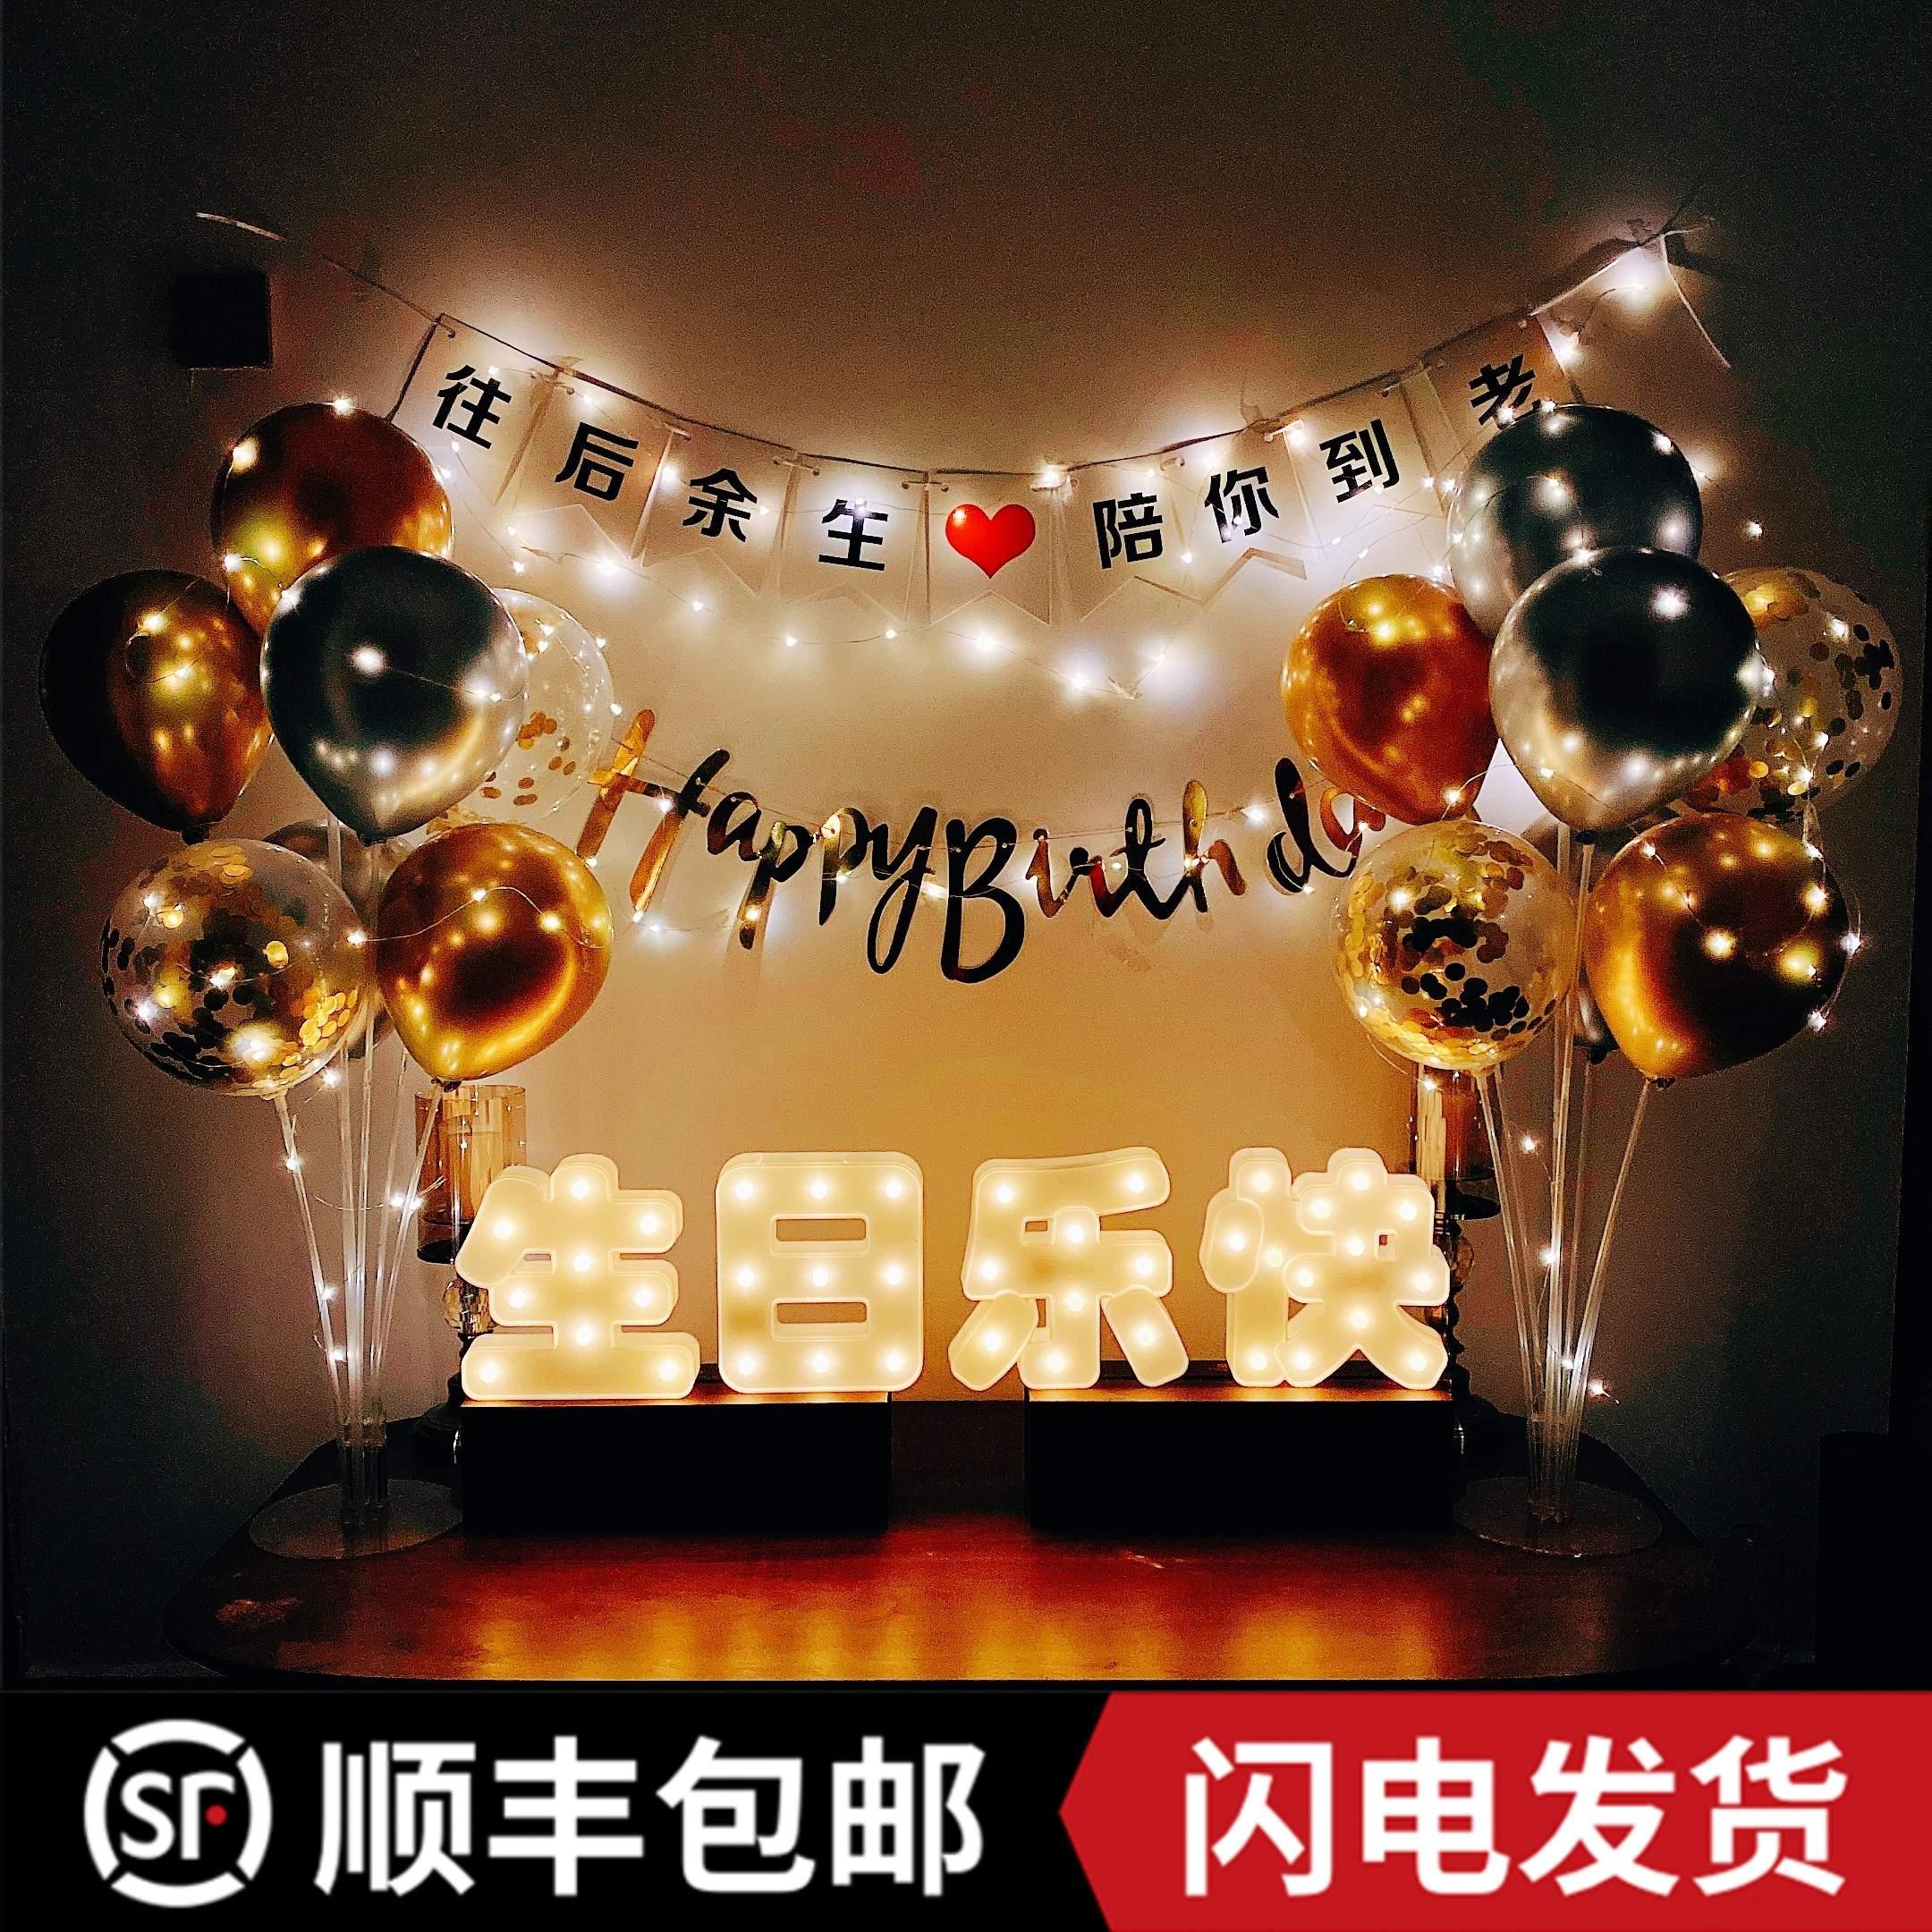 拉旗发光字母灯周岁男孩生日装饰场景布置女孩网红简单款宝宝生日